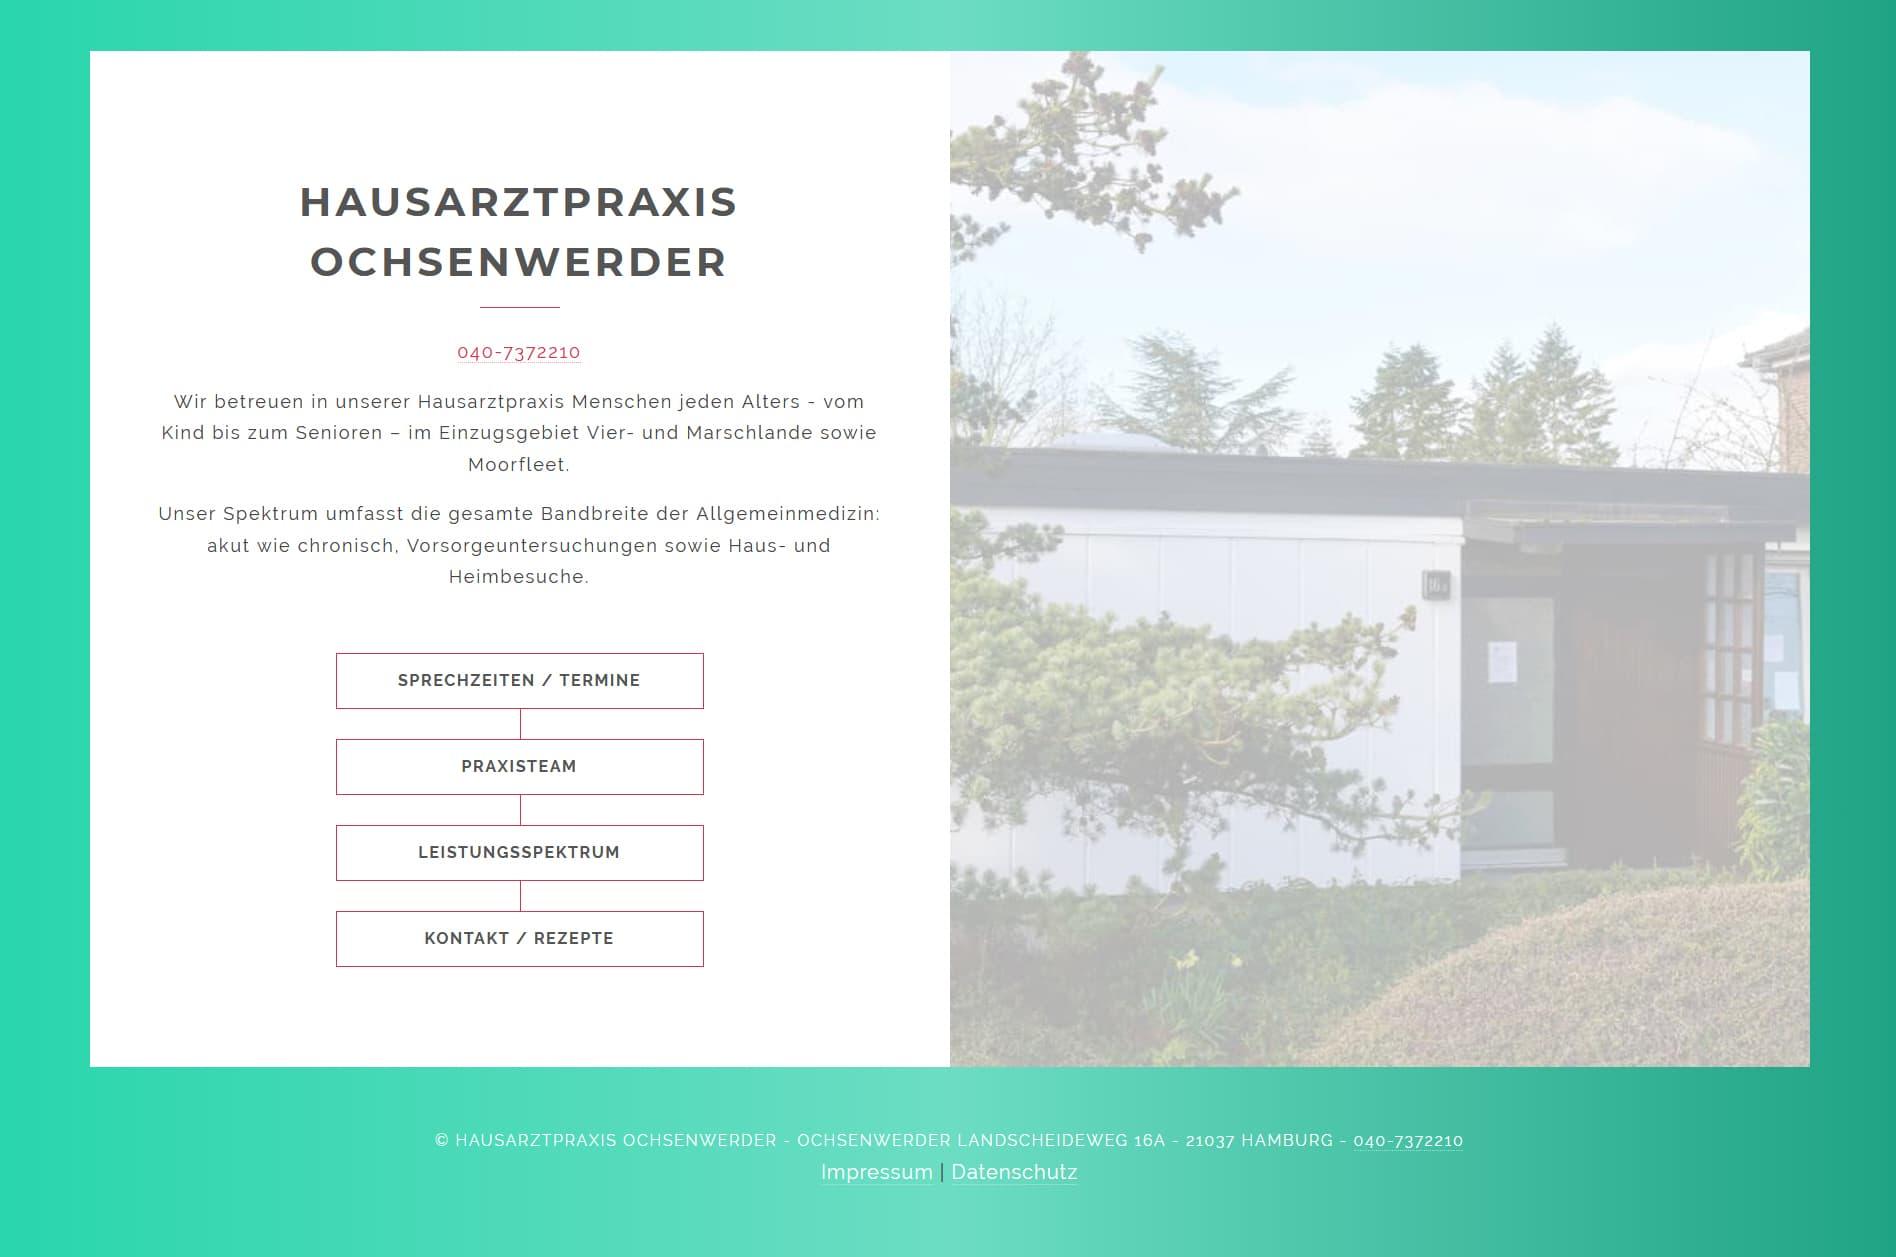 Responisve Website für die Hausarztpraxis Ochsenwerder